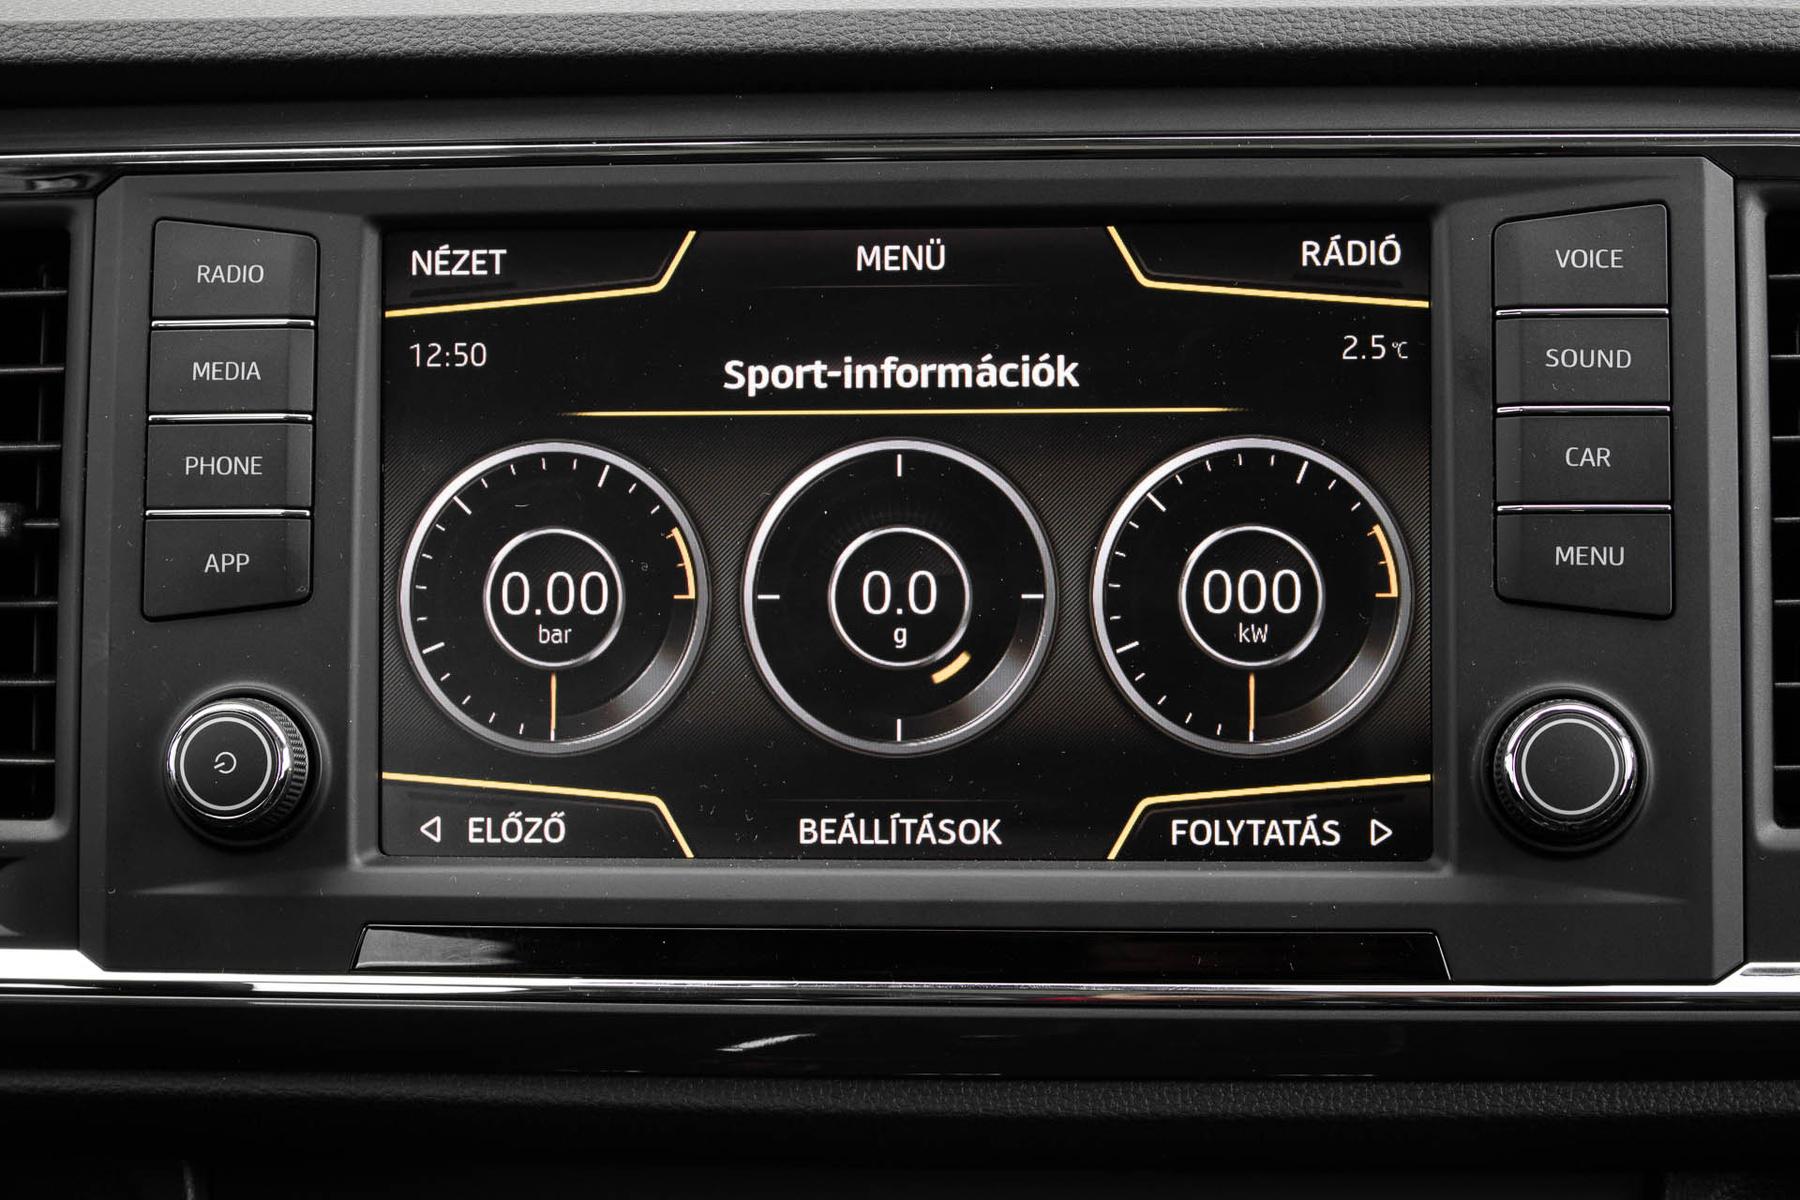 Audi magatol leparkol 658 - Aj Nl K Pek Aj Nl K Pek